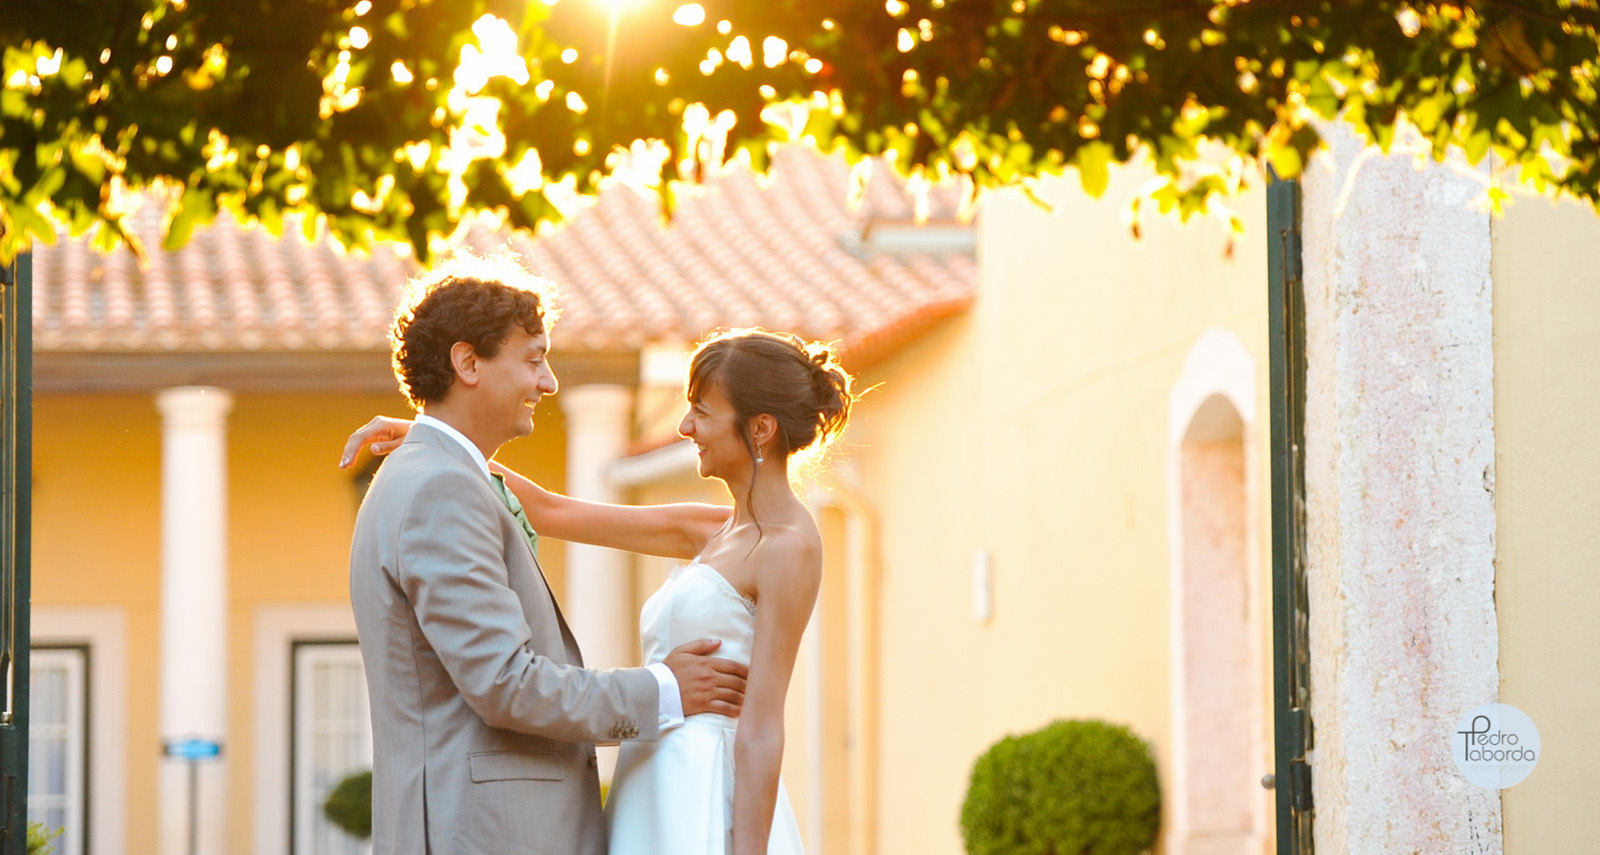 Quinta do Casal Novo, quinta para casamentos e eventos, Mafra, Grande Lisboa